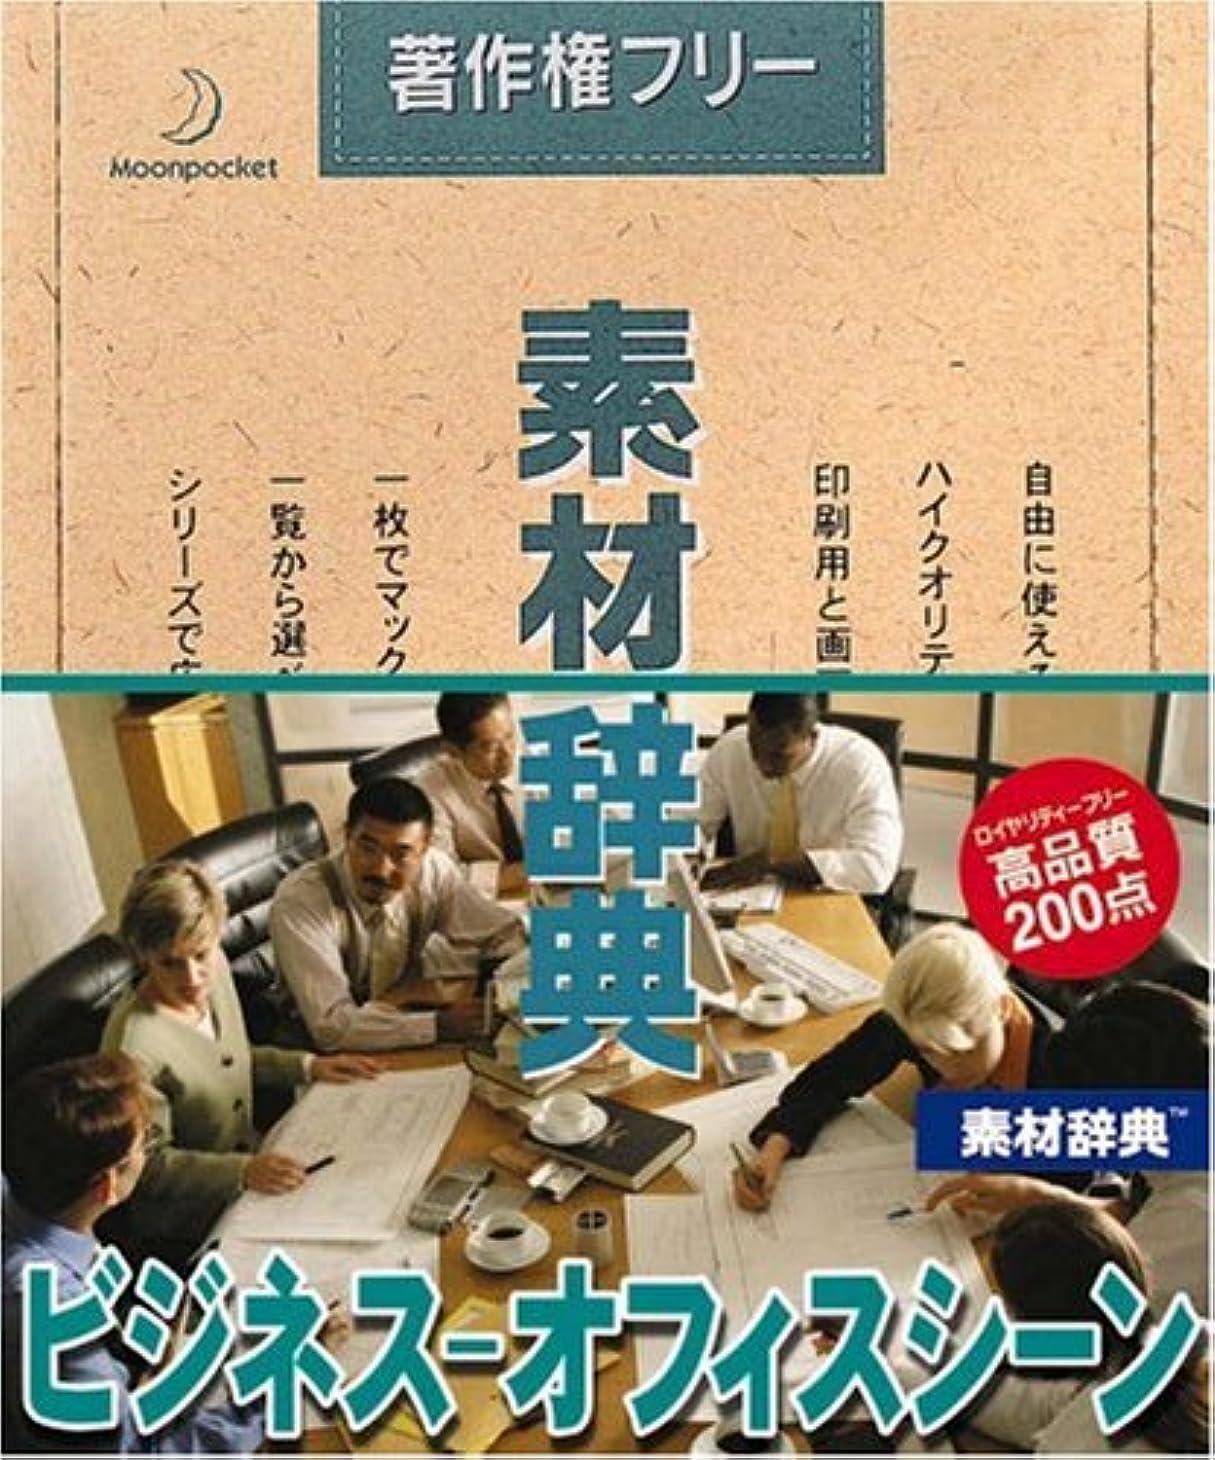 アイスクリーム放射性尊敬する素材辞典 Vol.84 ビジネス-オフィスシーン編